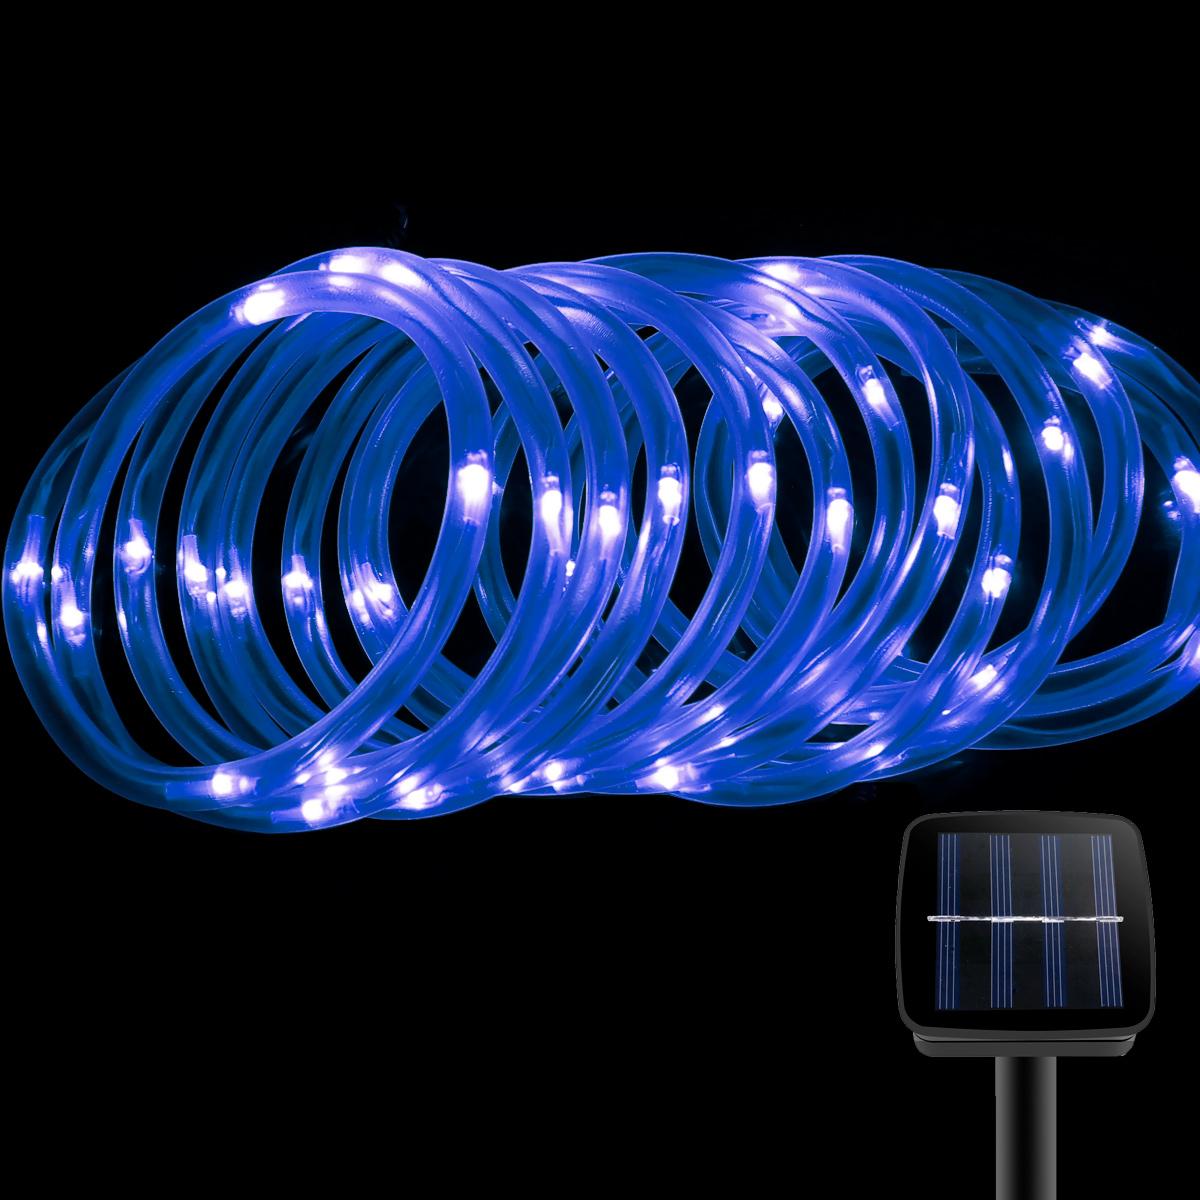 LED Lichterkette au?en, 5M mit Lichtsensor, Blau, Weihnachtsbeleuchtung, Wasserdicht,1,2V,  Portable